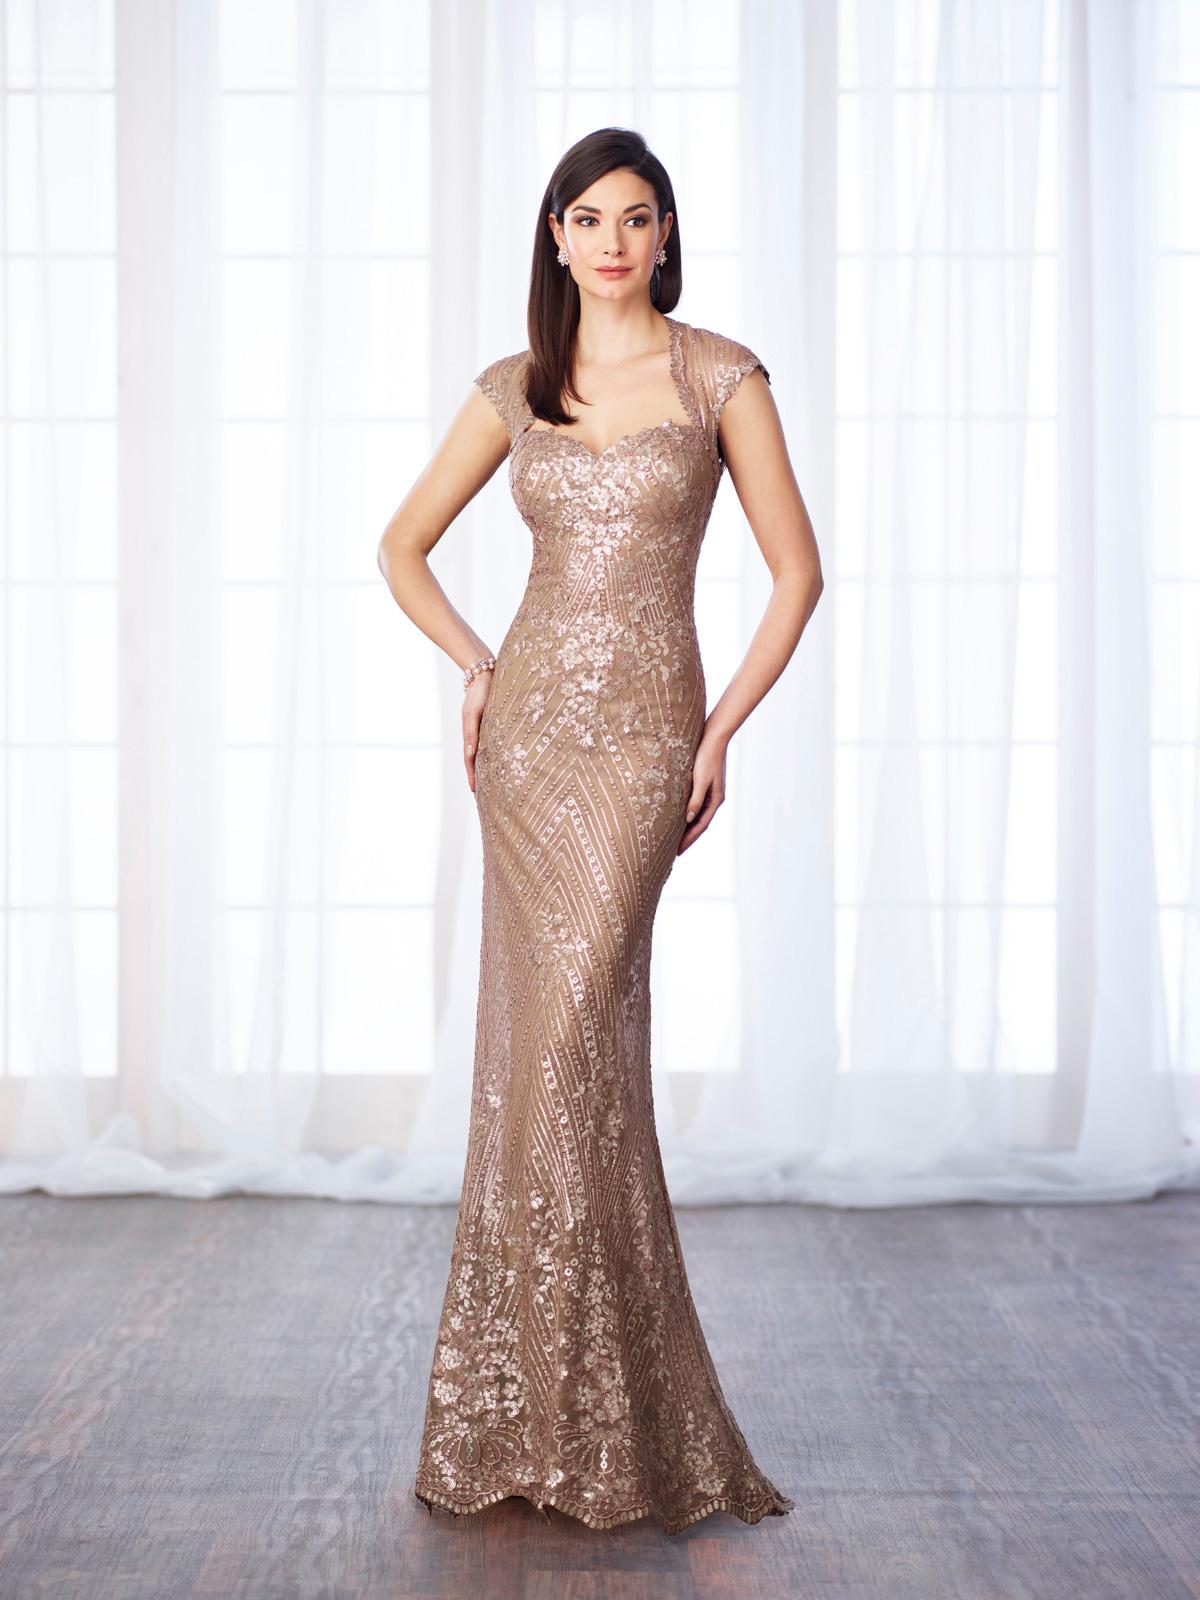 Vestido de Festa estiloso com decote rainha e corte sereia super charmoso, todo confeccionado em tecido já bordado em pedrarias.